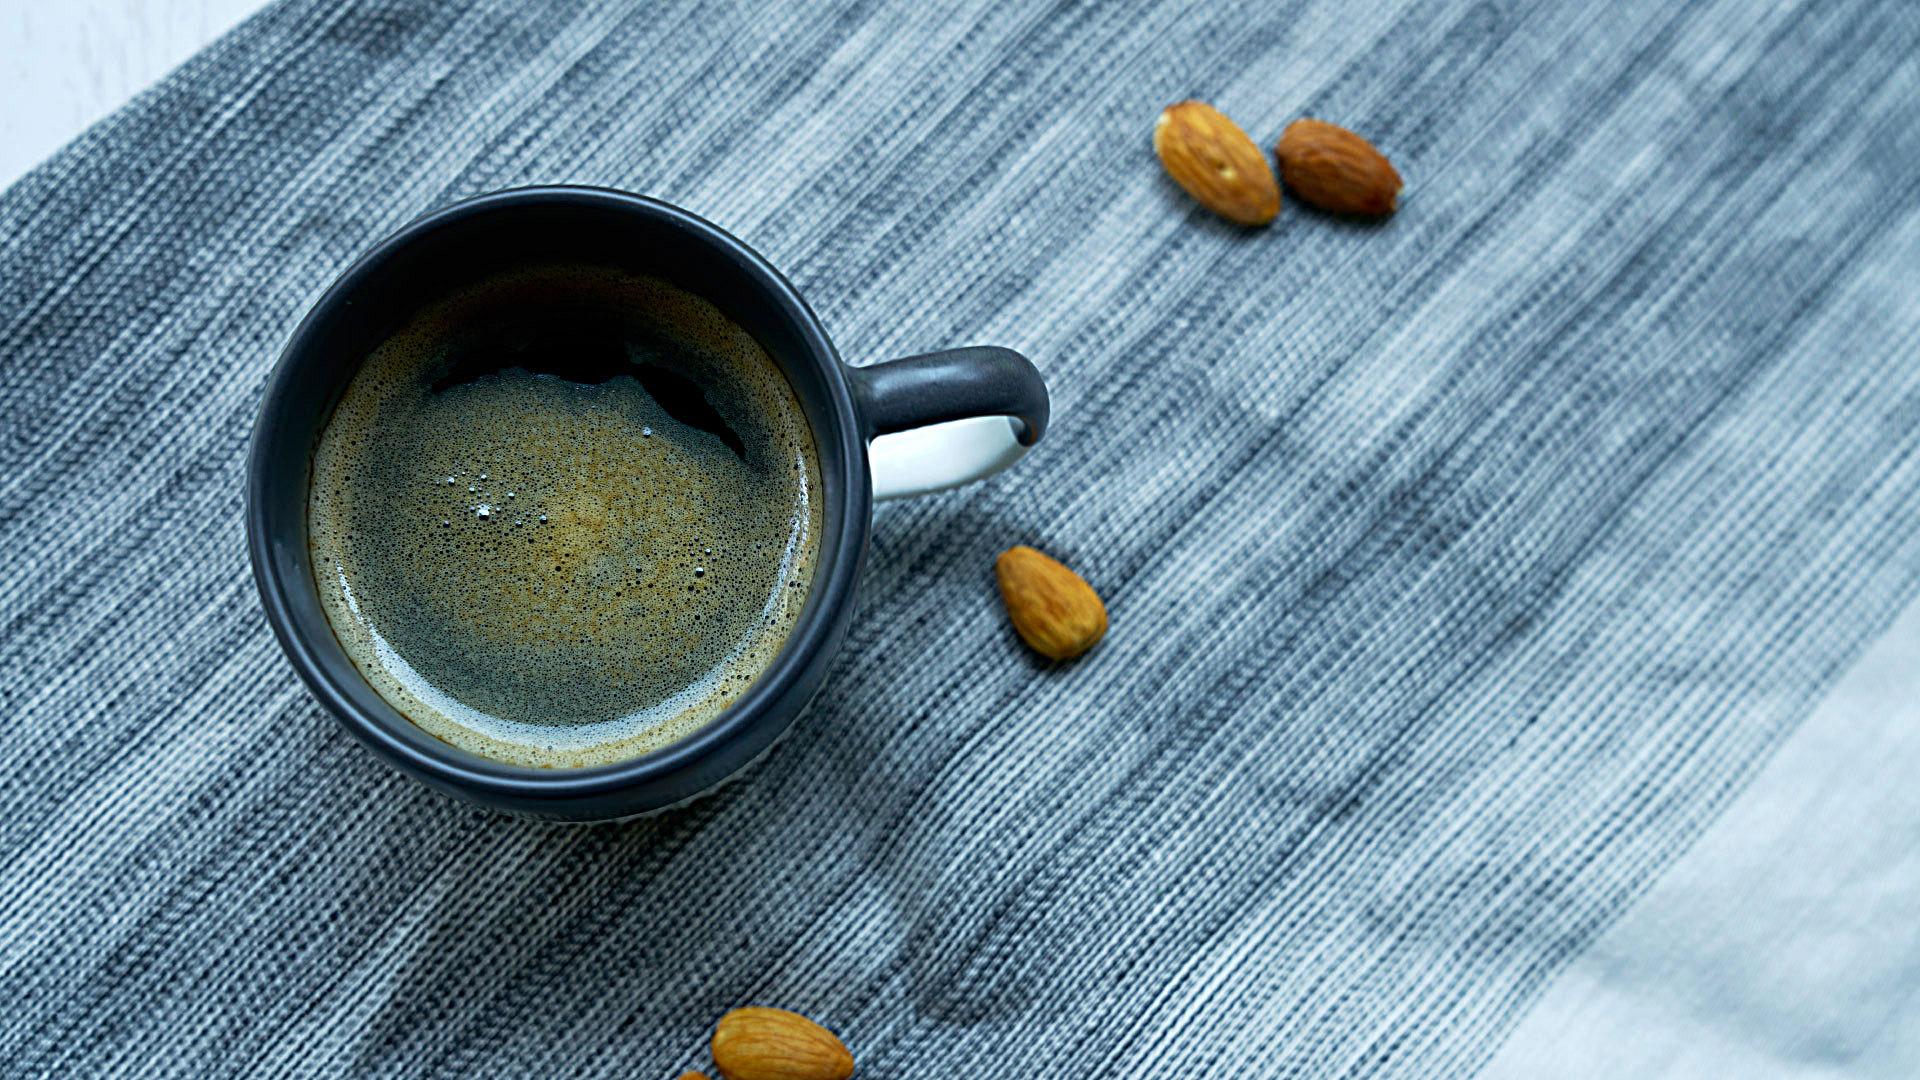 一杯咖啡的温度,将你从疲惫中拉回,让美式咖啡的香气驻存杯内,体验鼻端咖啡香氤氲的美妙,等不及入口刹那,仿若注入满满元气,每一天都如此崭新。